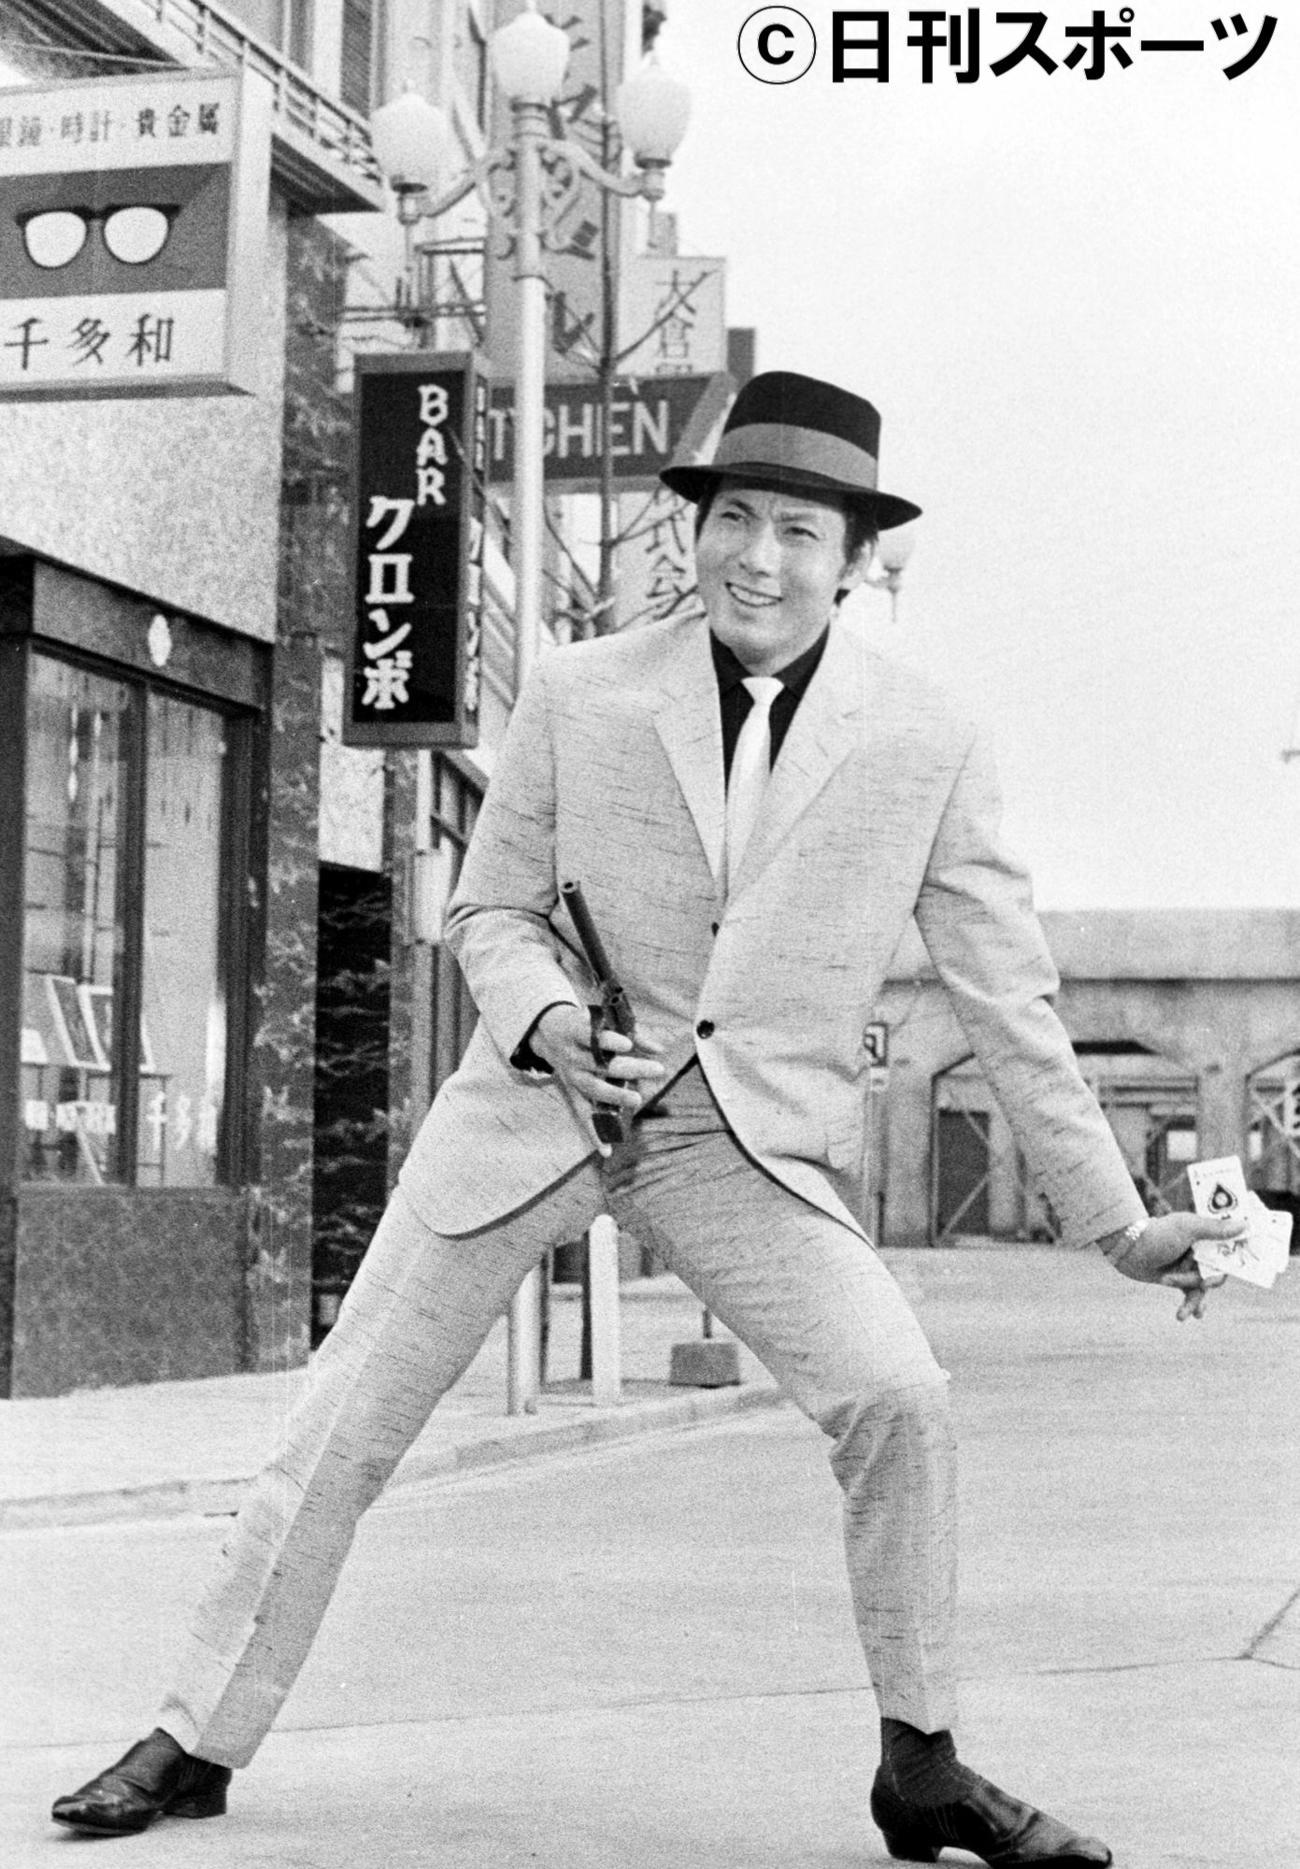 「ひとり旅」の撮影に臨む宍戸錠さん=1962年5月9日